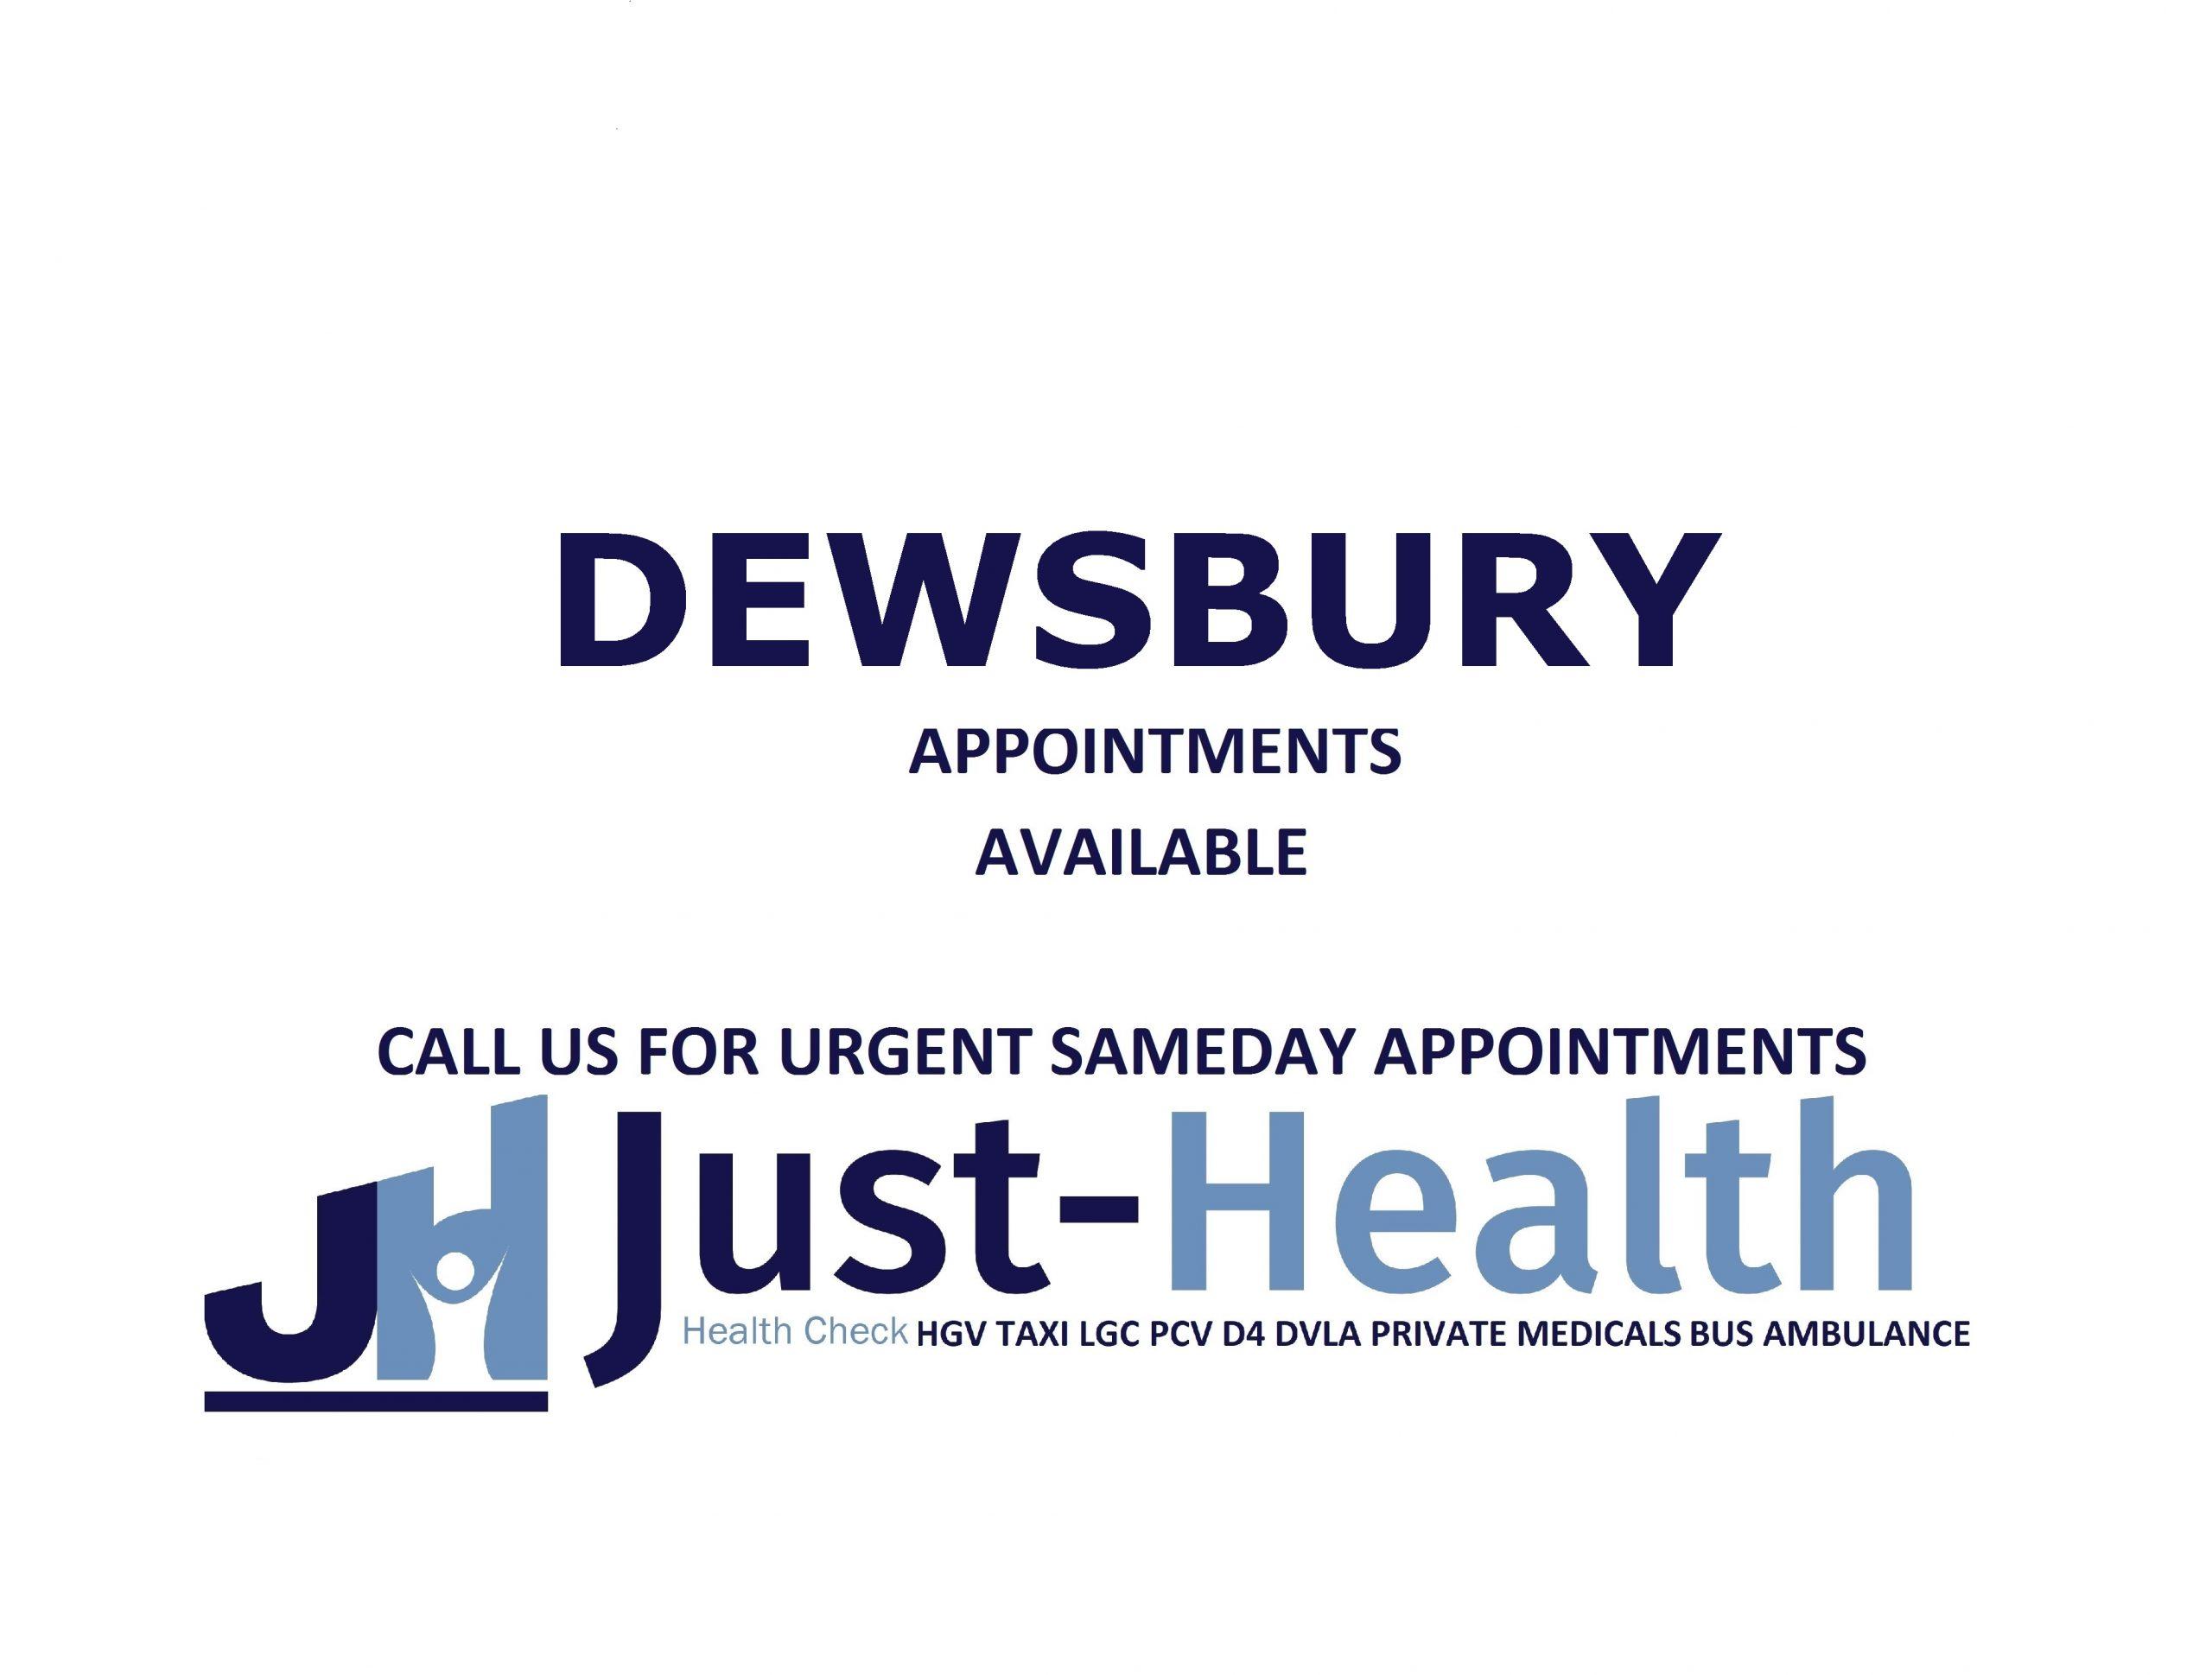 Dewsbury D4 Driver hgv Medicals